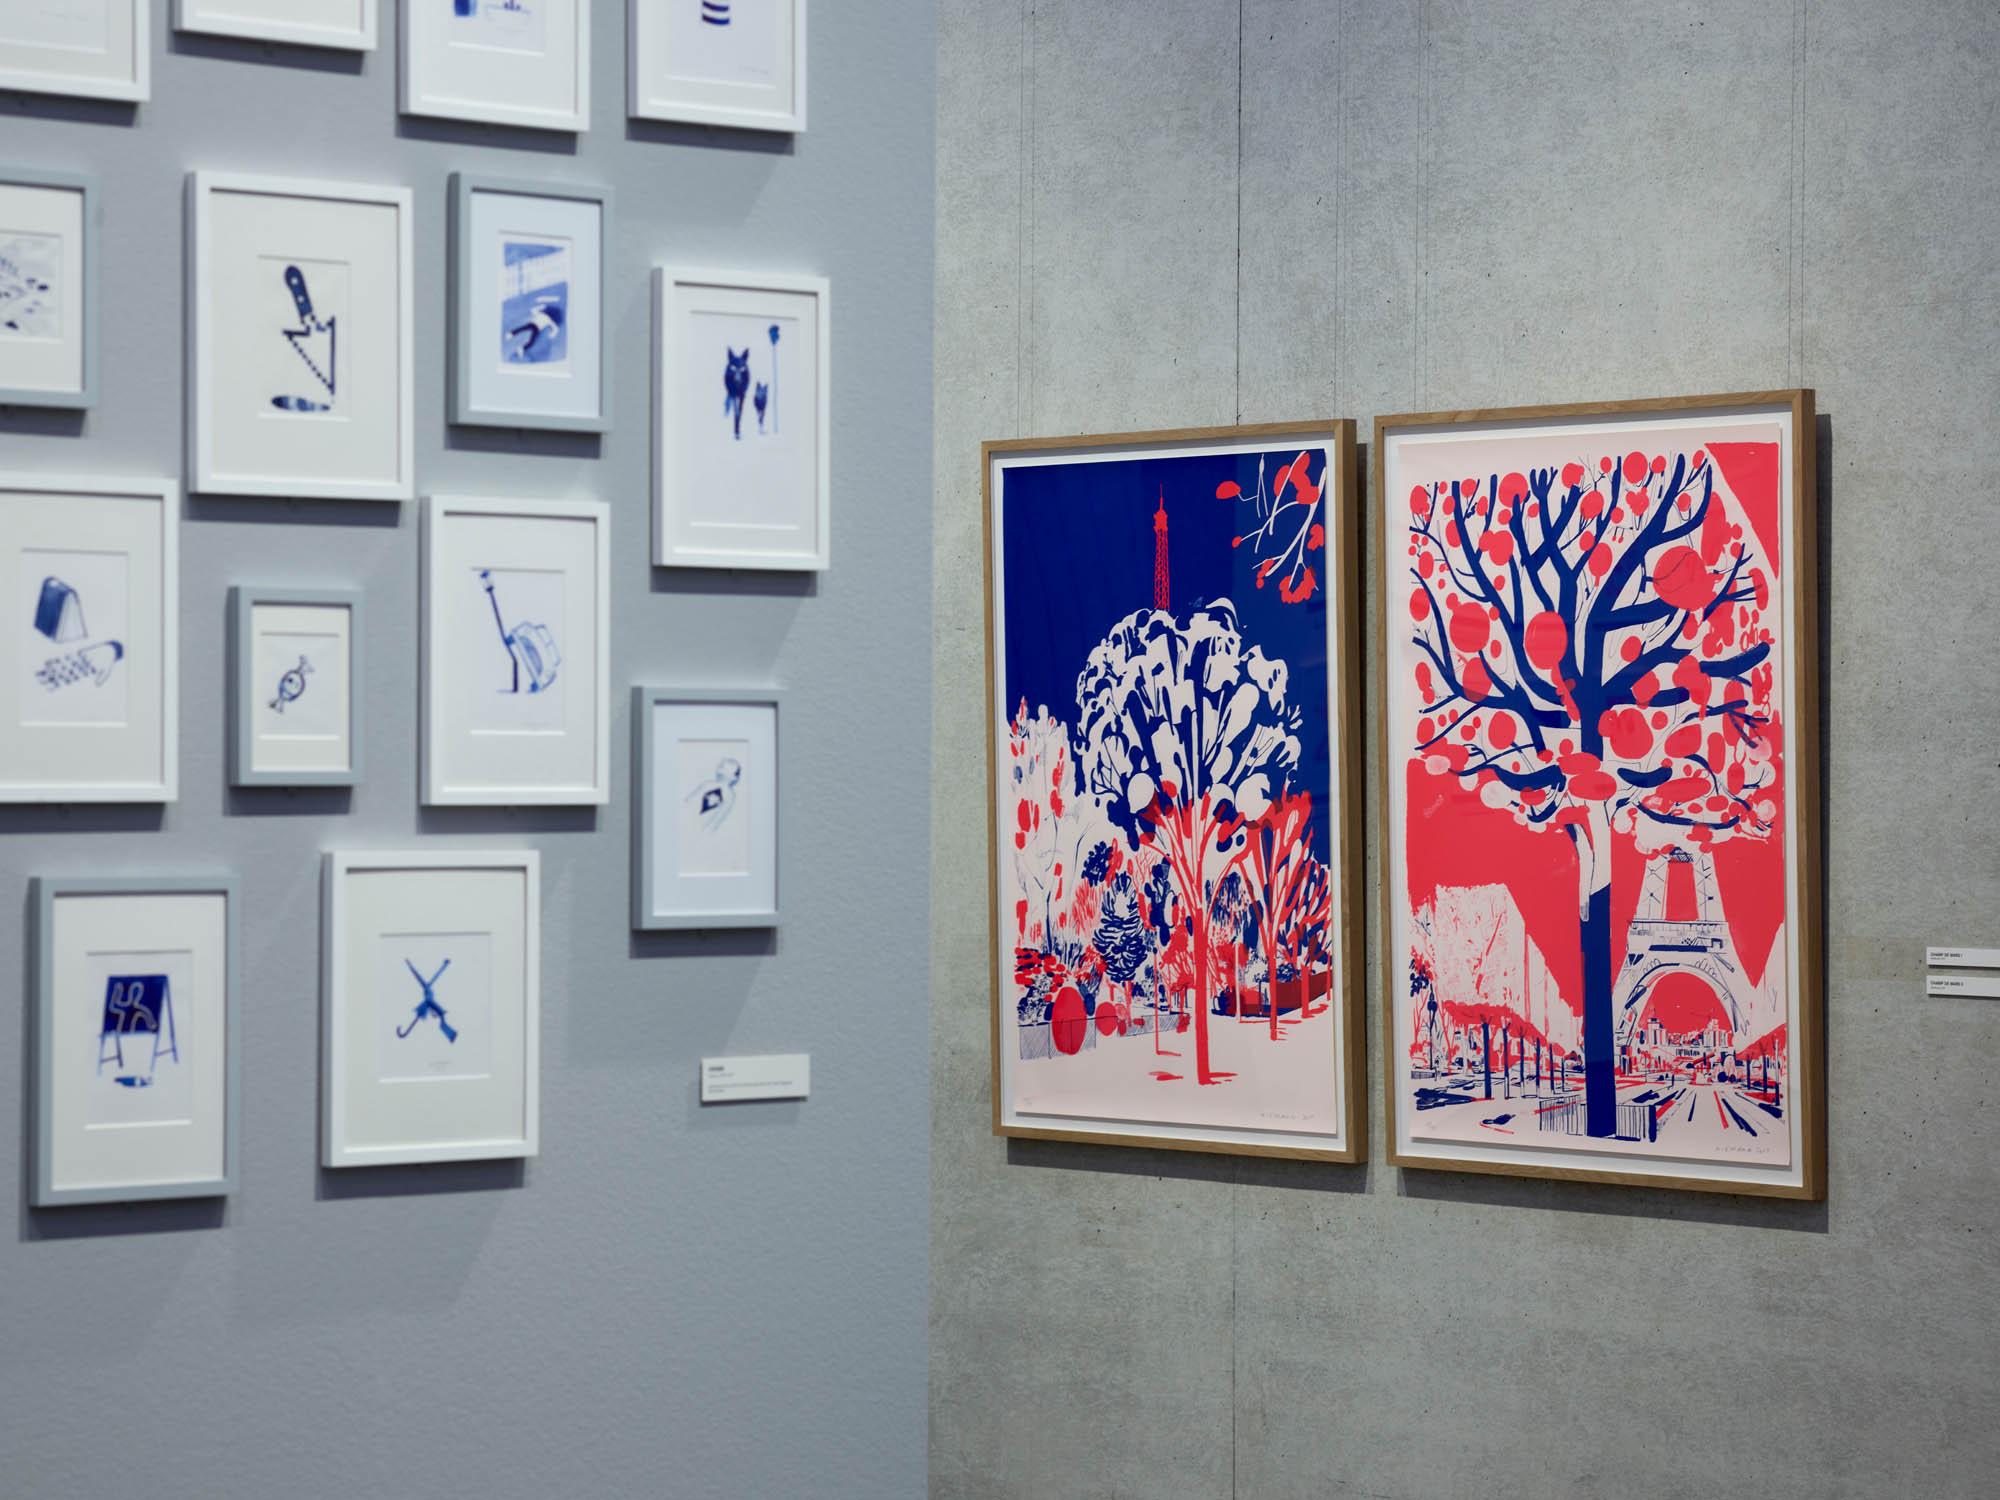 OPP170714  16692 - Galerie Stihl Waiblingen: Modern Times